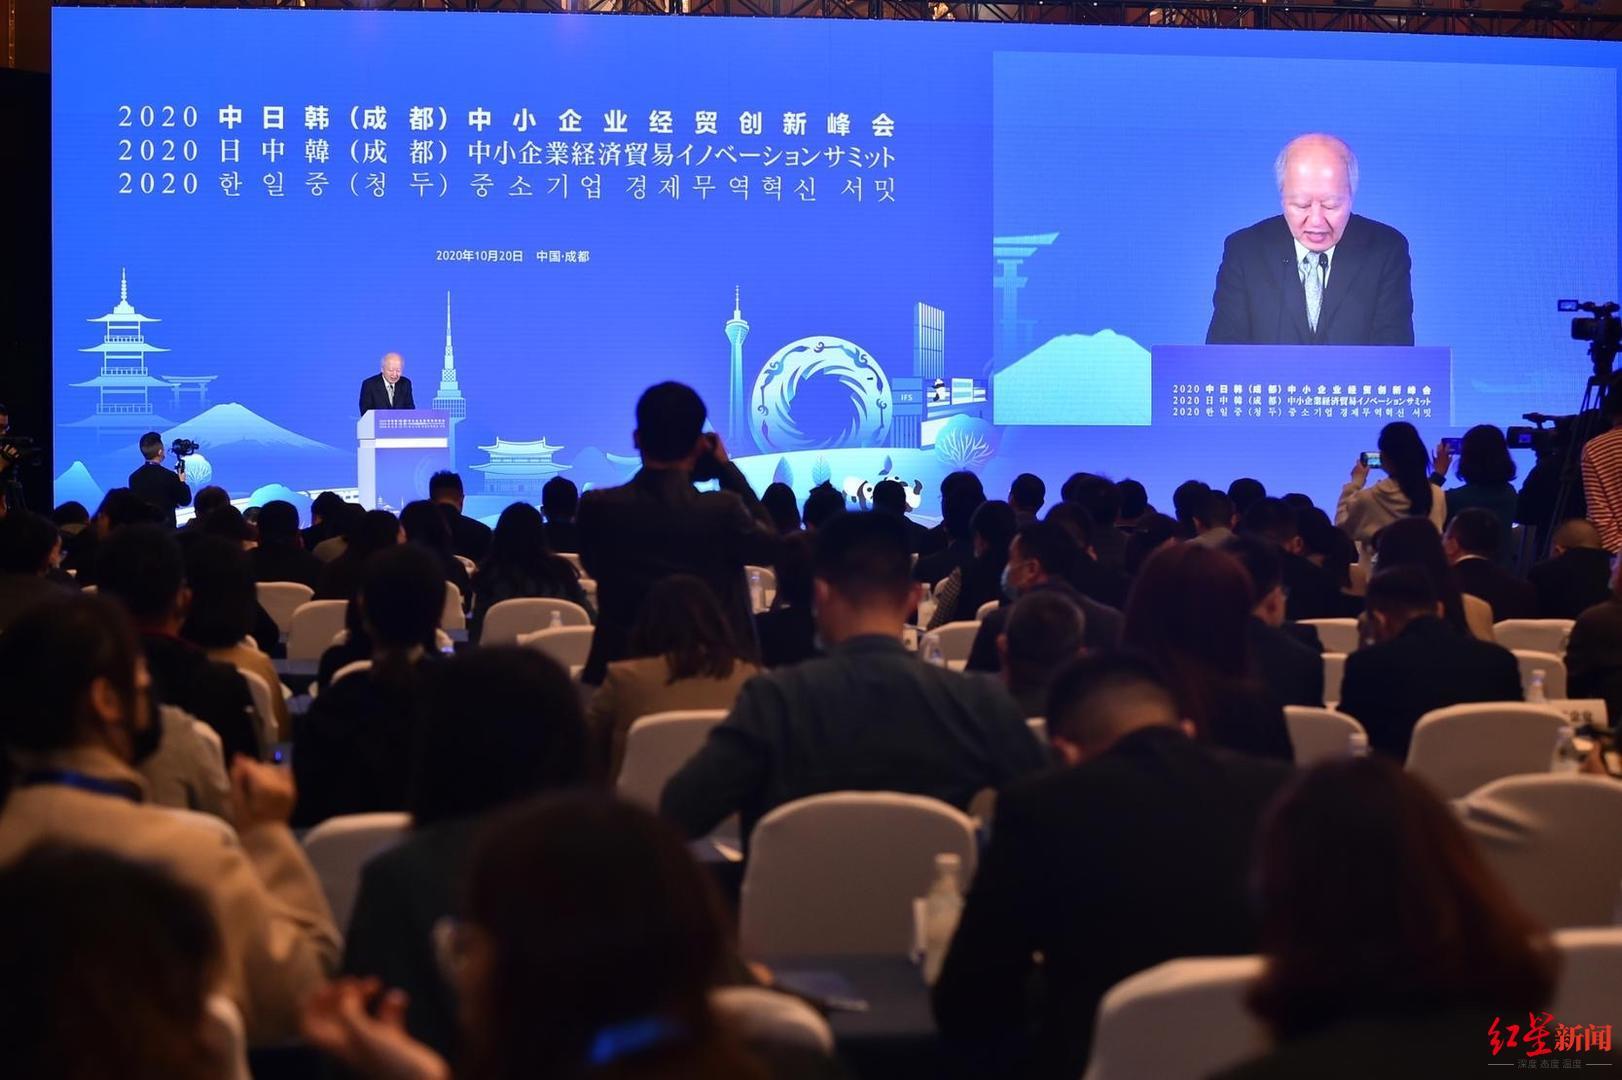 合作升级!2020中日韩(成都)中小企业经贸创新峰会开幕